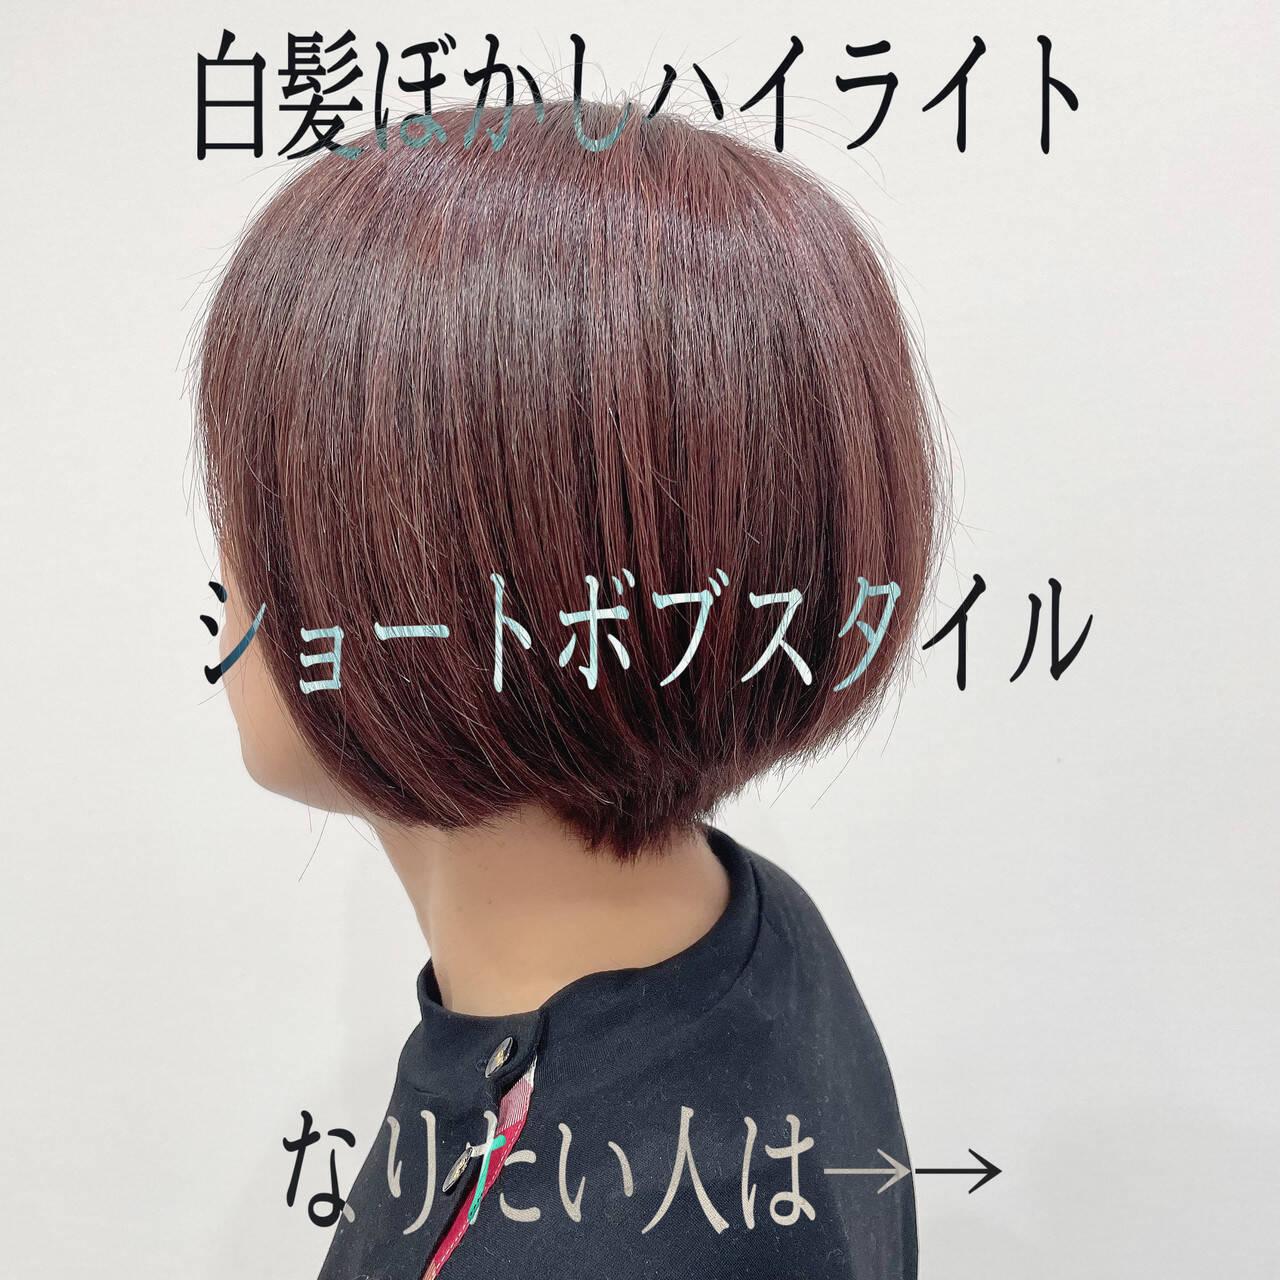 ミニボブ ナチュラル 大人ヘアスタイル 大人カジュアルヘアスタイルや髪型の写真・画像